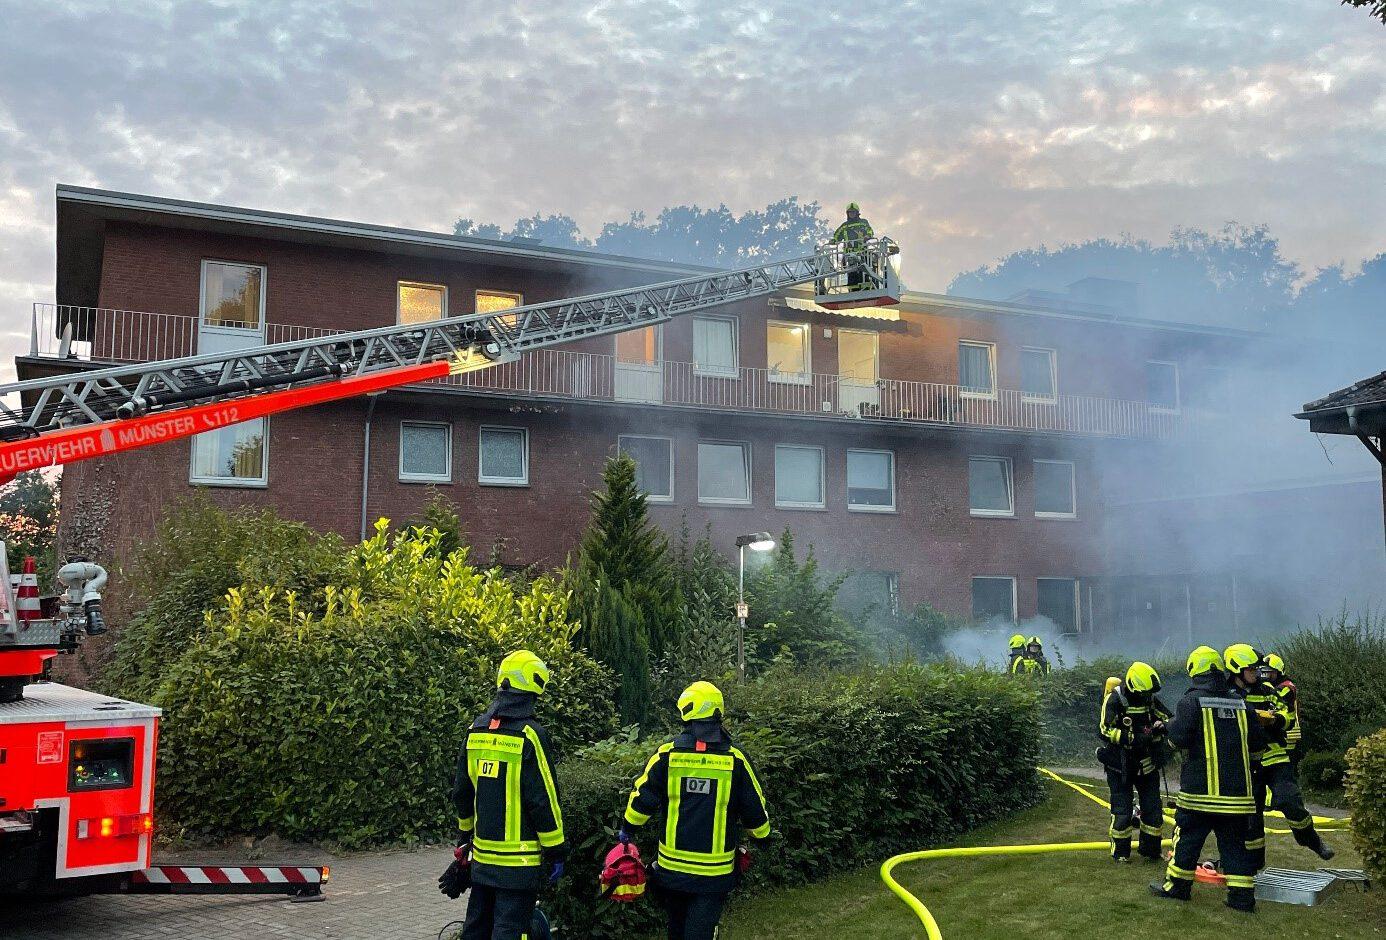 Foto: Übung der Freiwilligen Feuerwehr, die einen simulierten Brand löscht